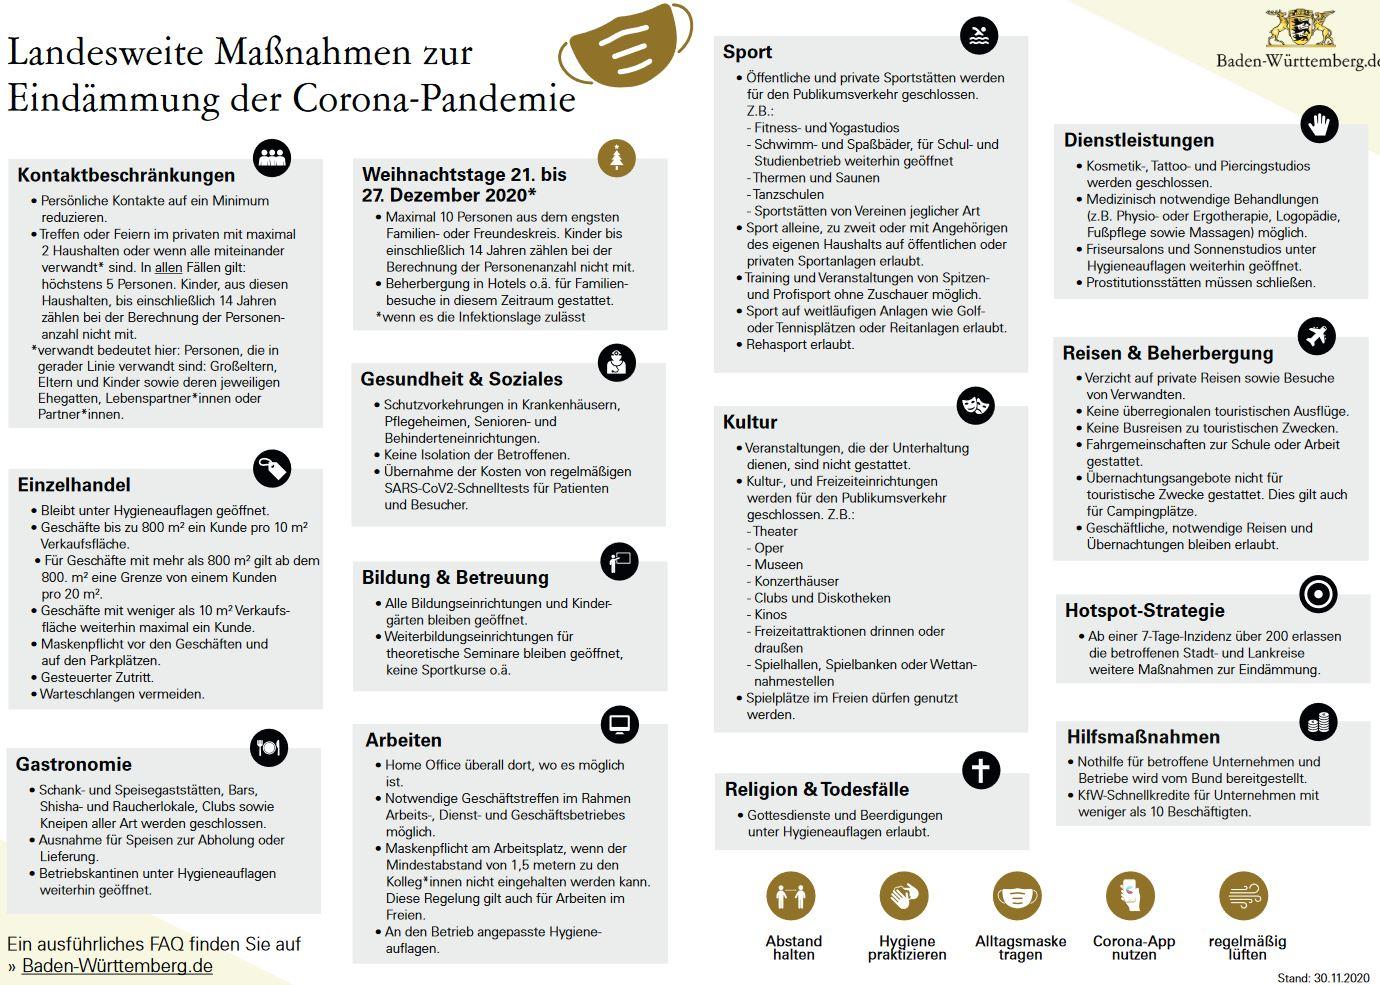 Landesweite Maßnahmen zur Eindämmung der Corona-Pandemie als Bild mit Link zur PDF-Datei des Landes Baden-Württemberg